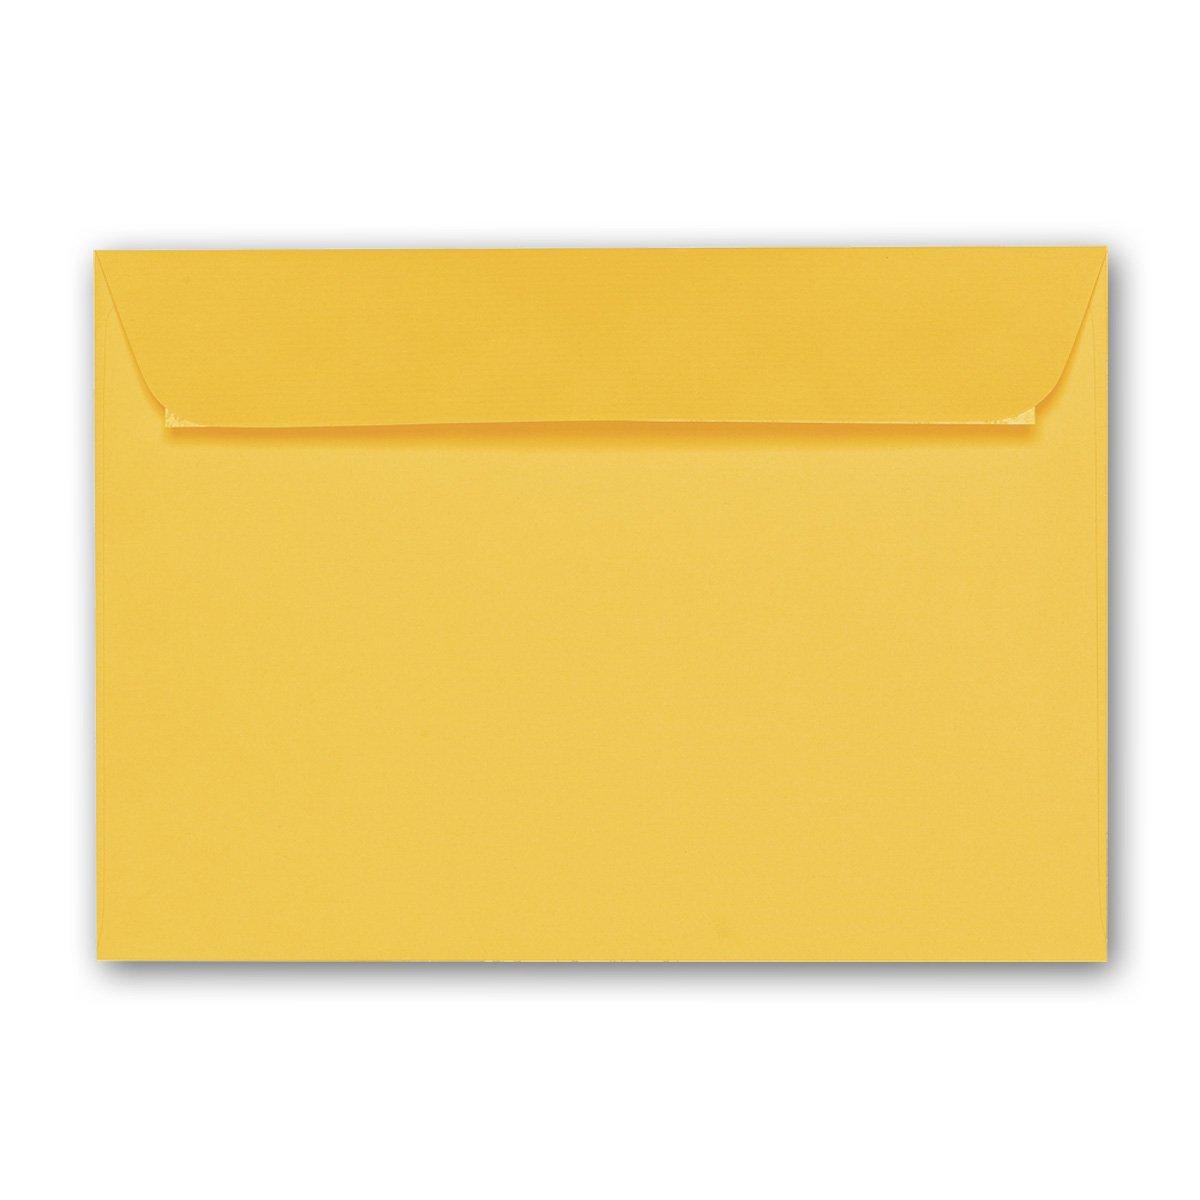 ARTOZ 200x Briefumschläge Din C6 Flieder Flieder Flieder I 16,2 x 11,4 cm KuGrün ohne Fenster I Umschläge Selbstklebend haftklebend I Serie Artoz 1001 B07GZSJGVN | Outlet Store Online  | Zürich  | Verrückte Preis  d8b4ad